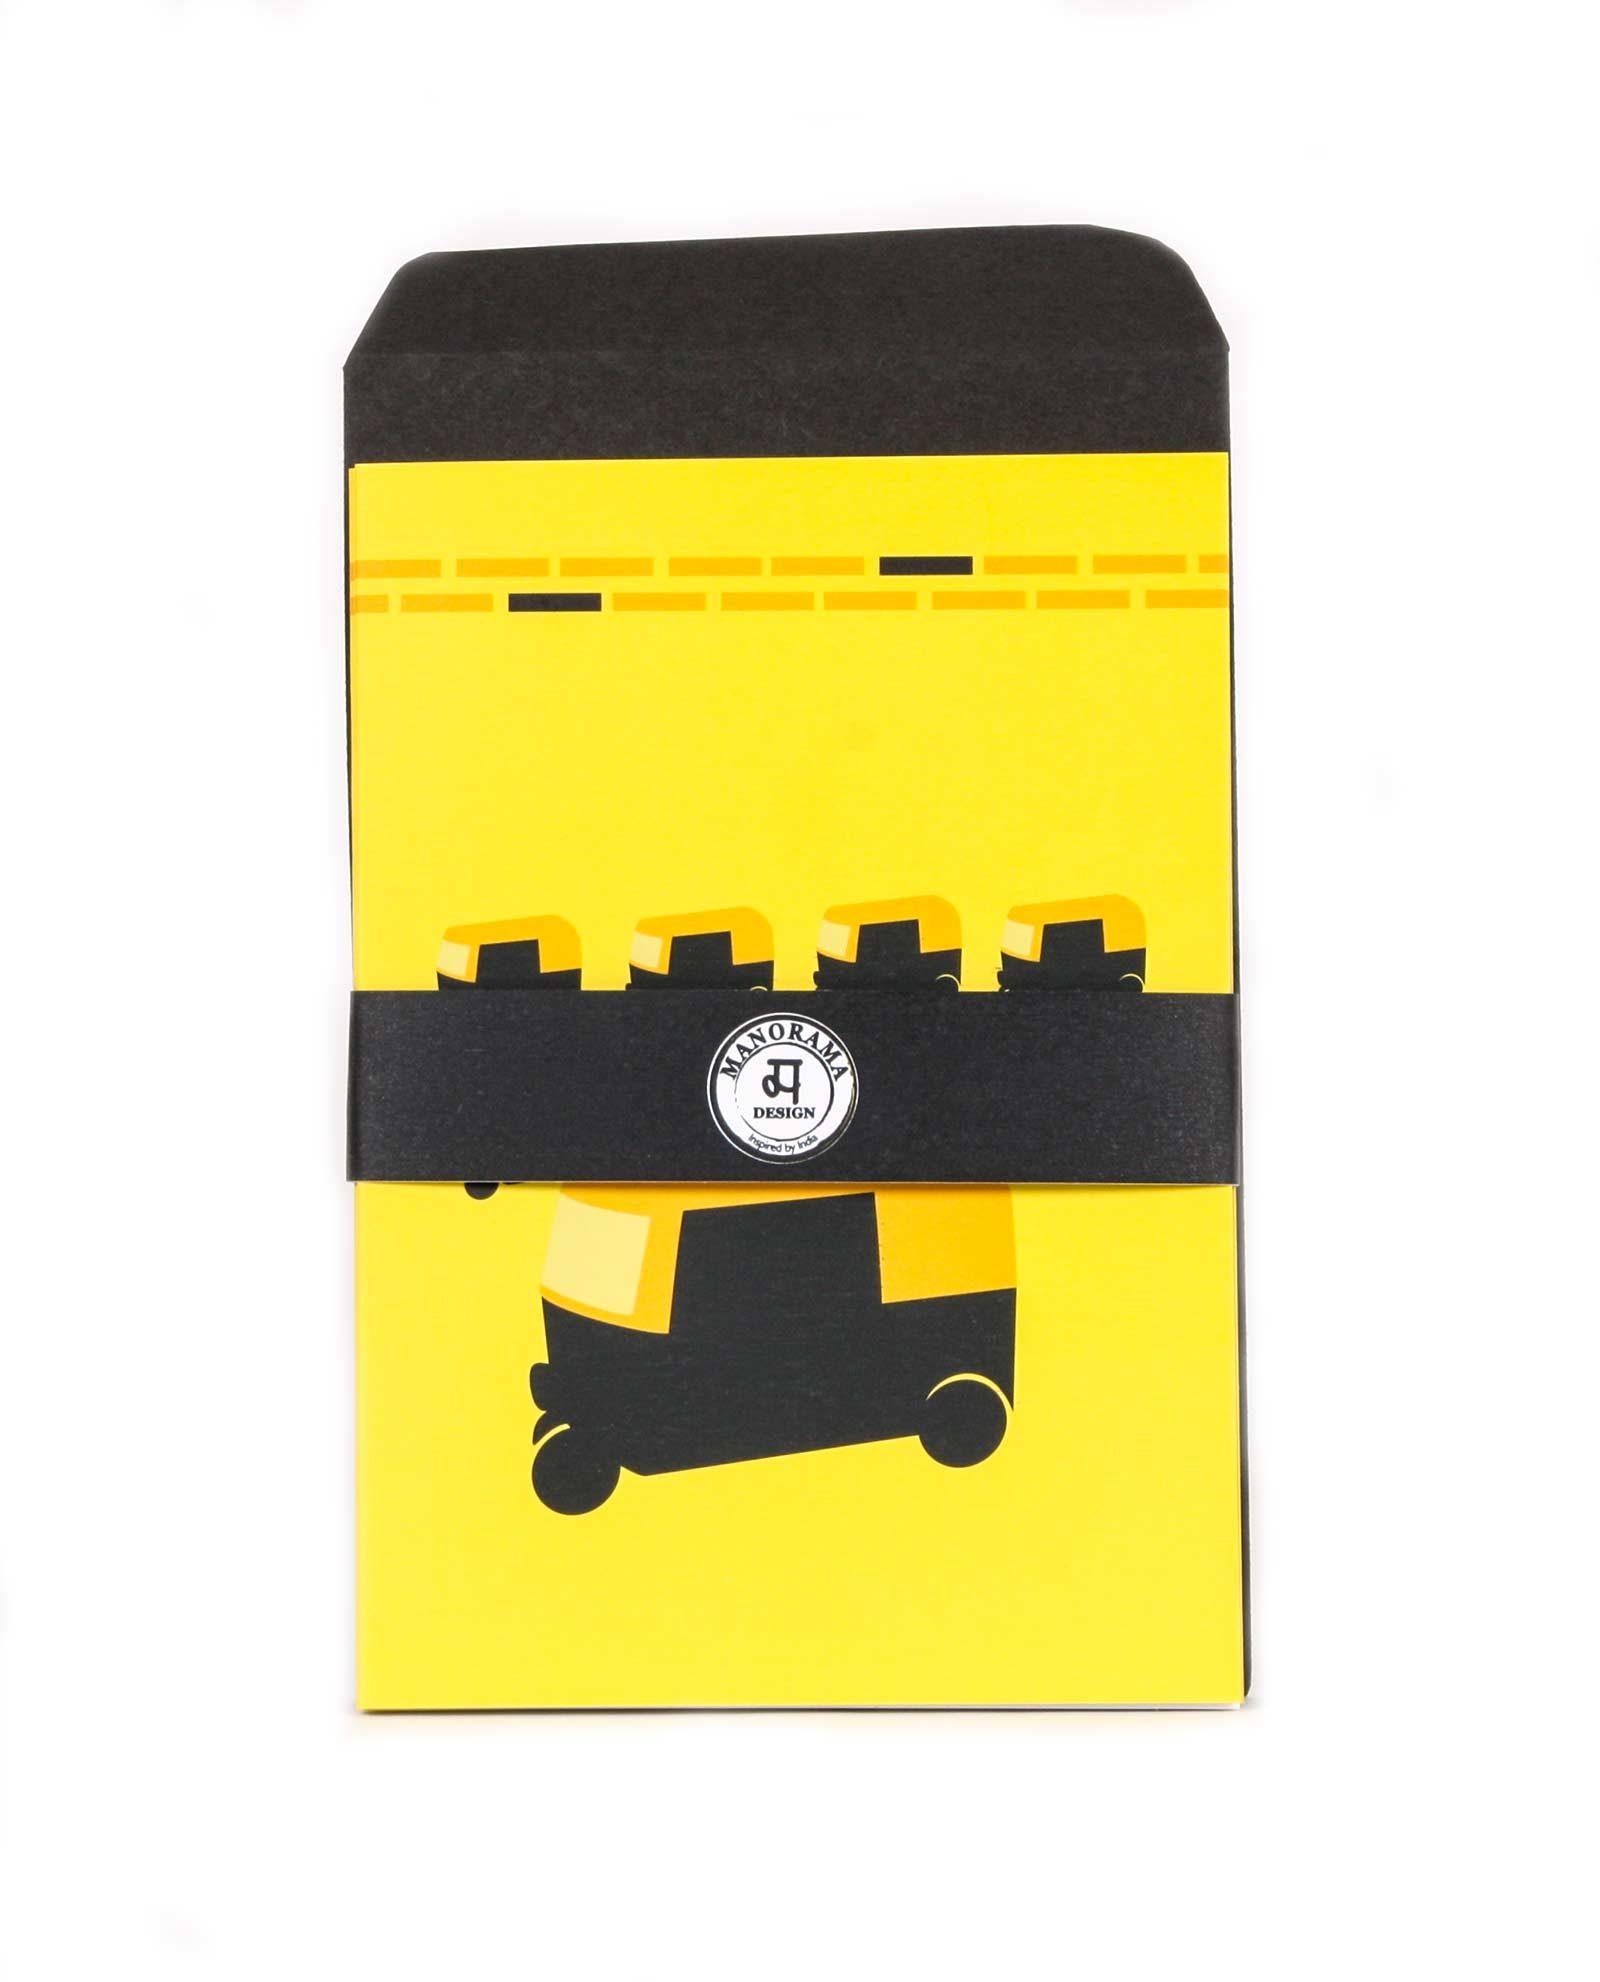 Vykort Rickshaw - gratualtionskort, hälsning, kuvert